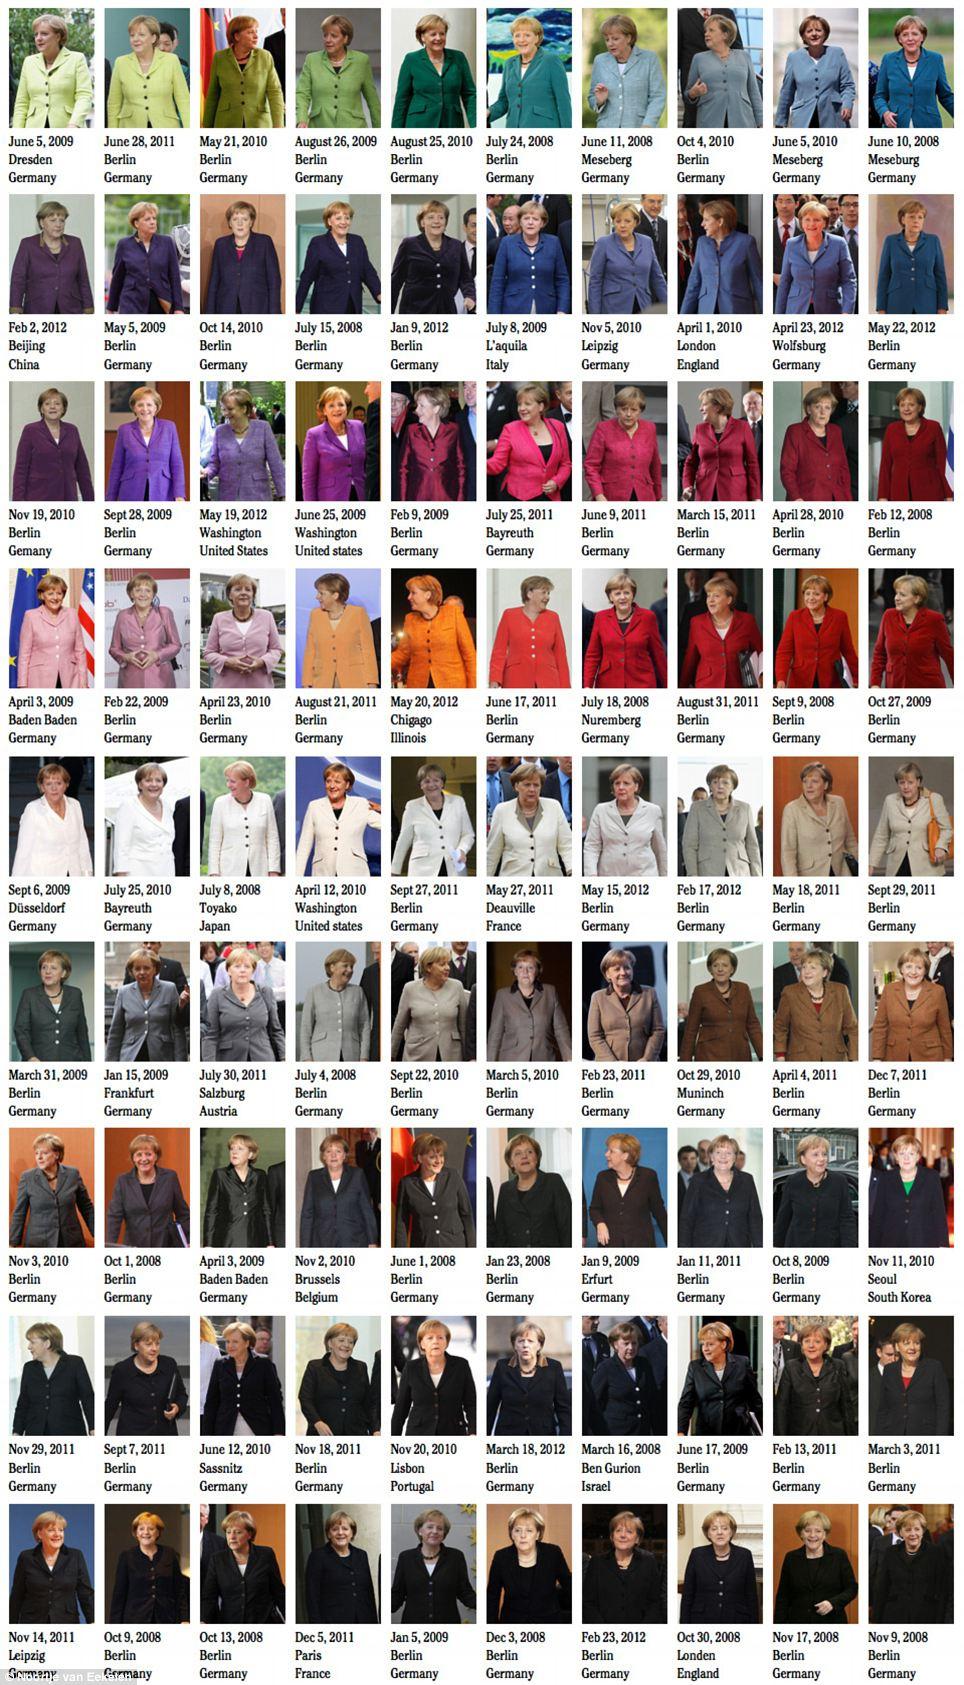 Barevná diplomacie Angely Merkel aneb co má odcházející kancléřka společného skrálovnou